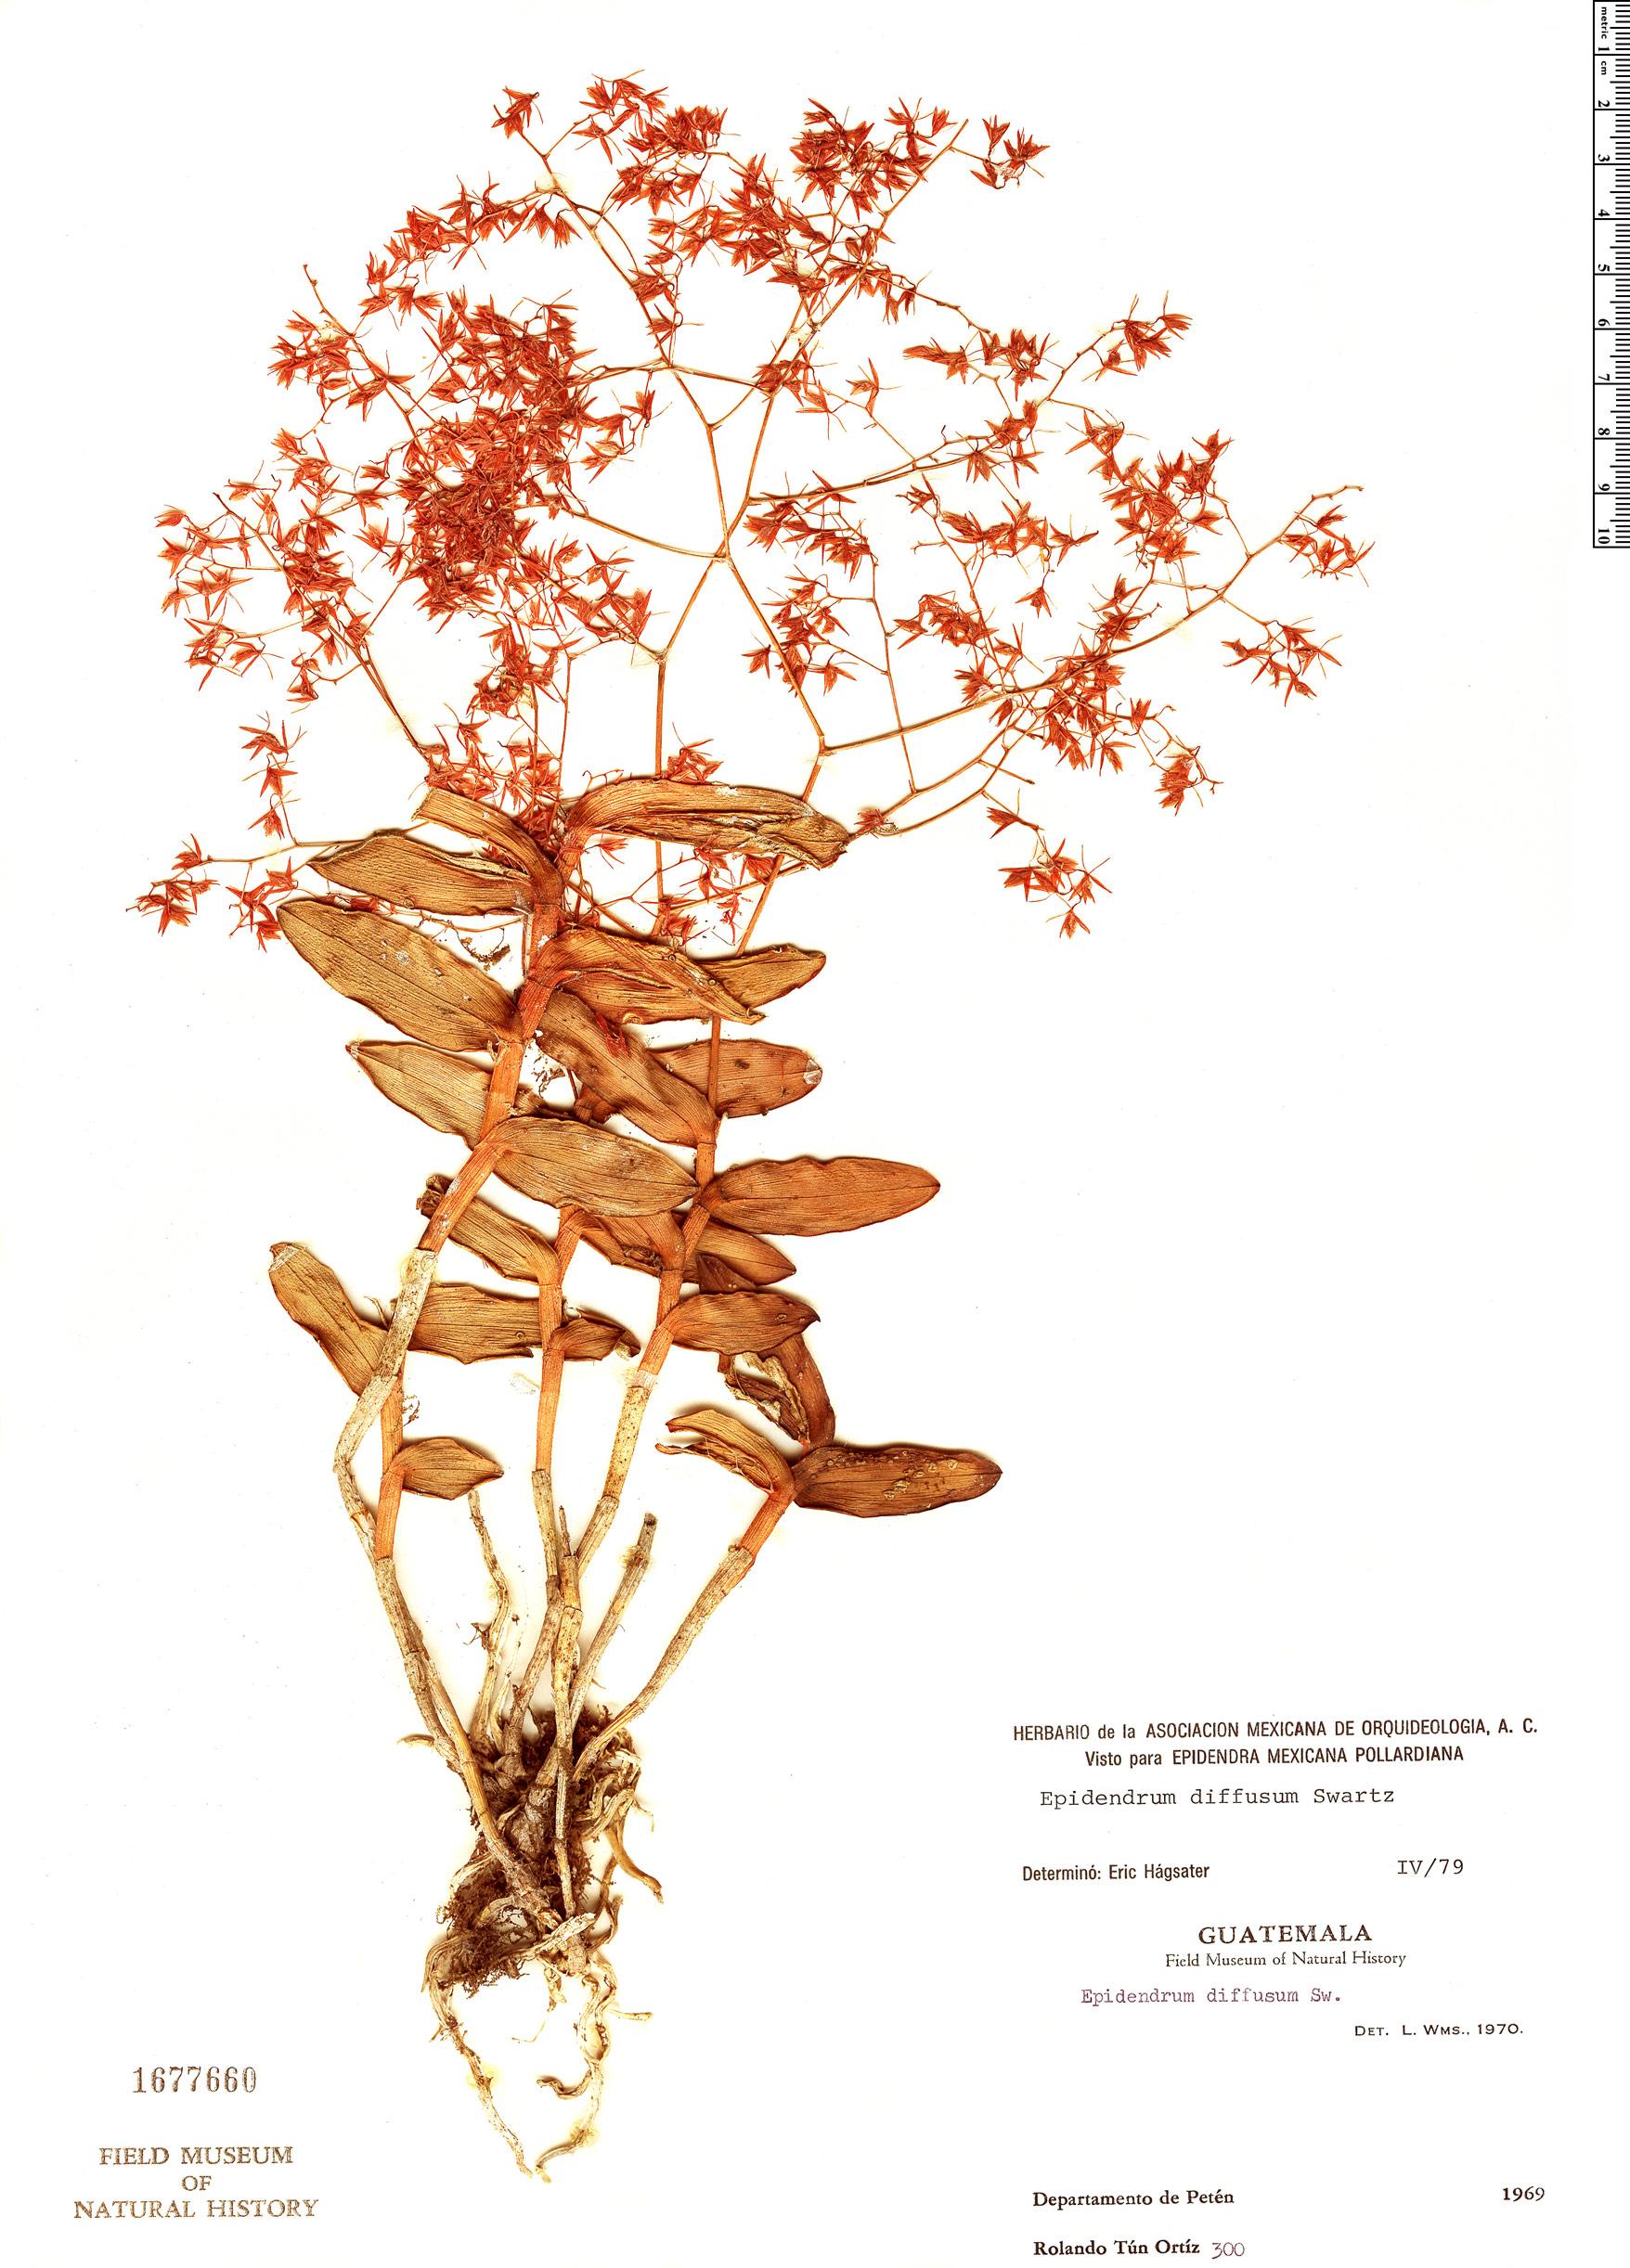 Specimen: Epidendrum diffusum